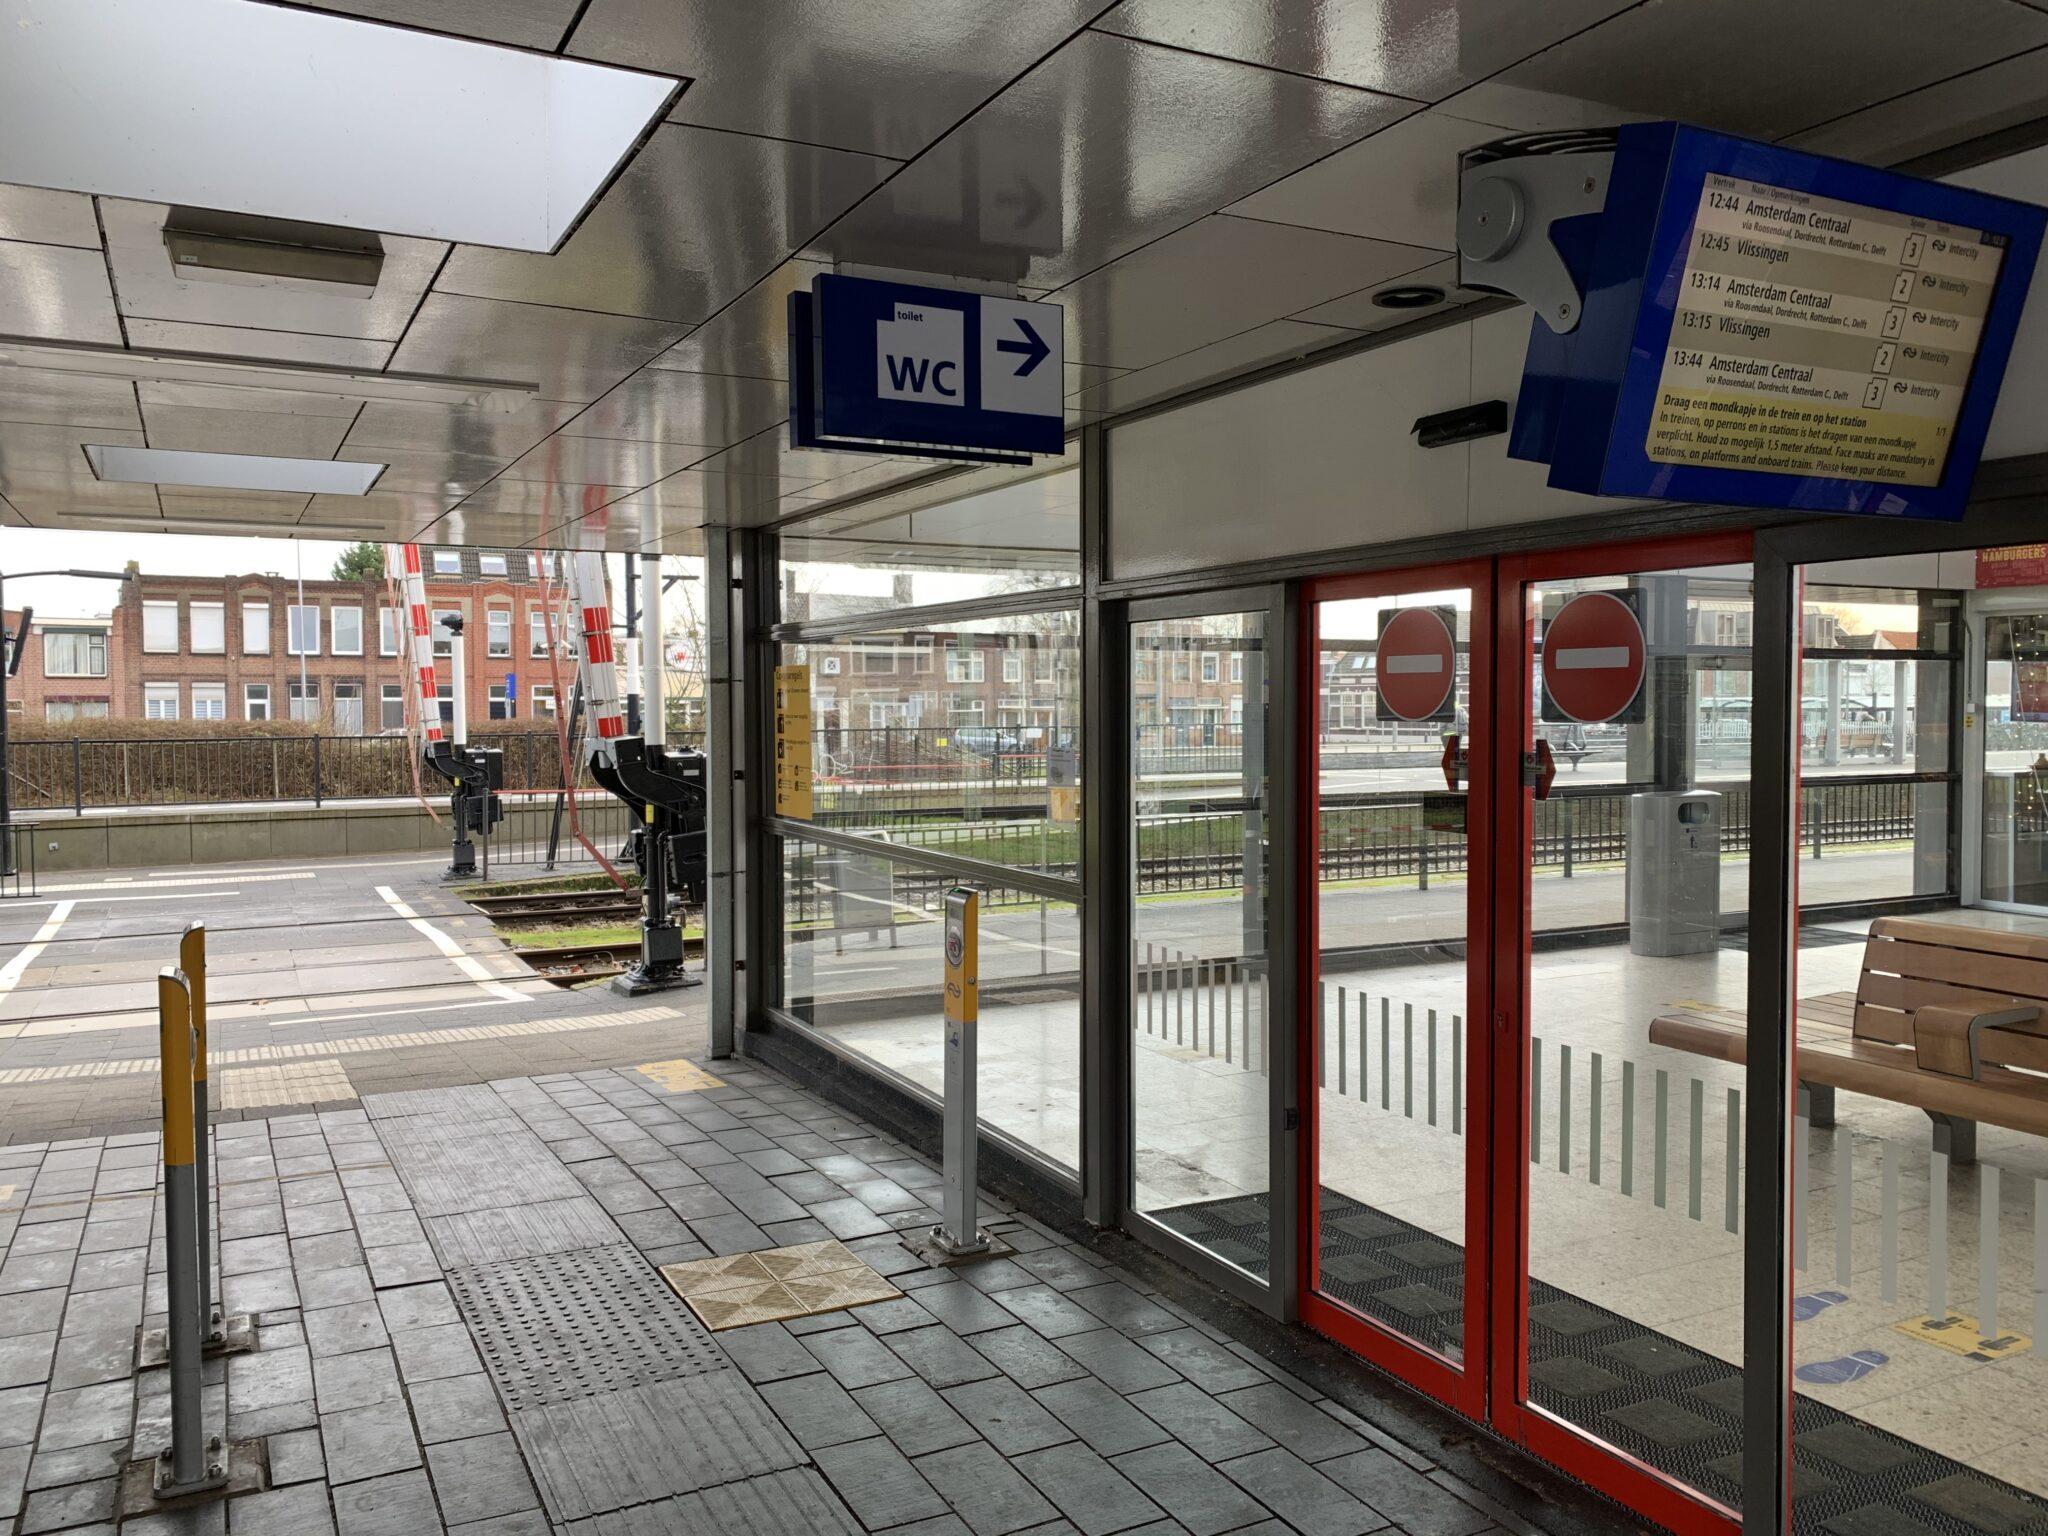 Bergen op Zoom wc ns station trein treinstation wc toilet toiletten wc's perron nederlandse spoorwegen bergen op zoom